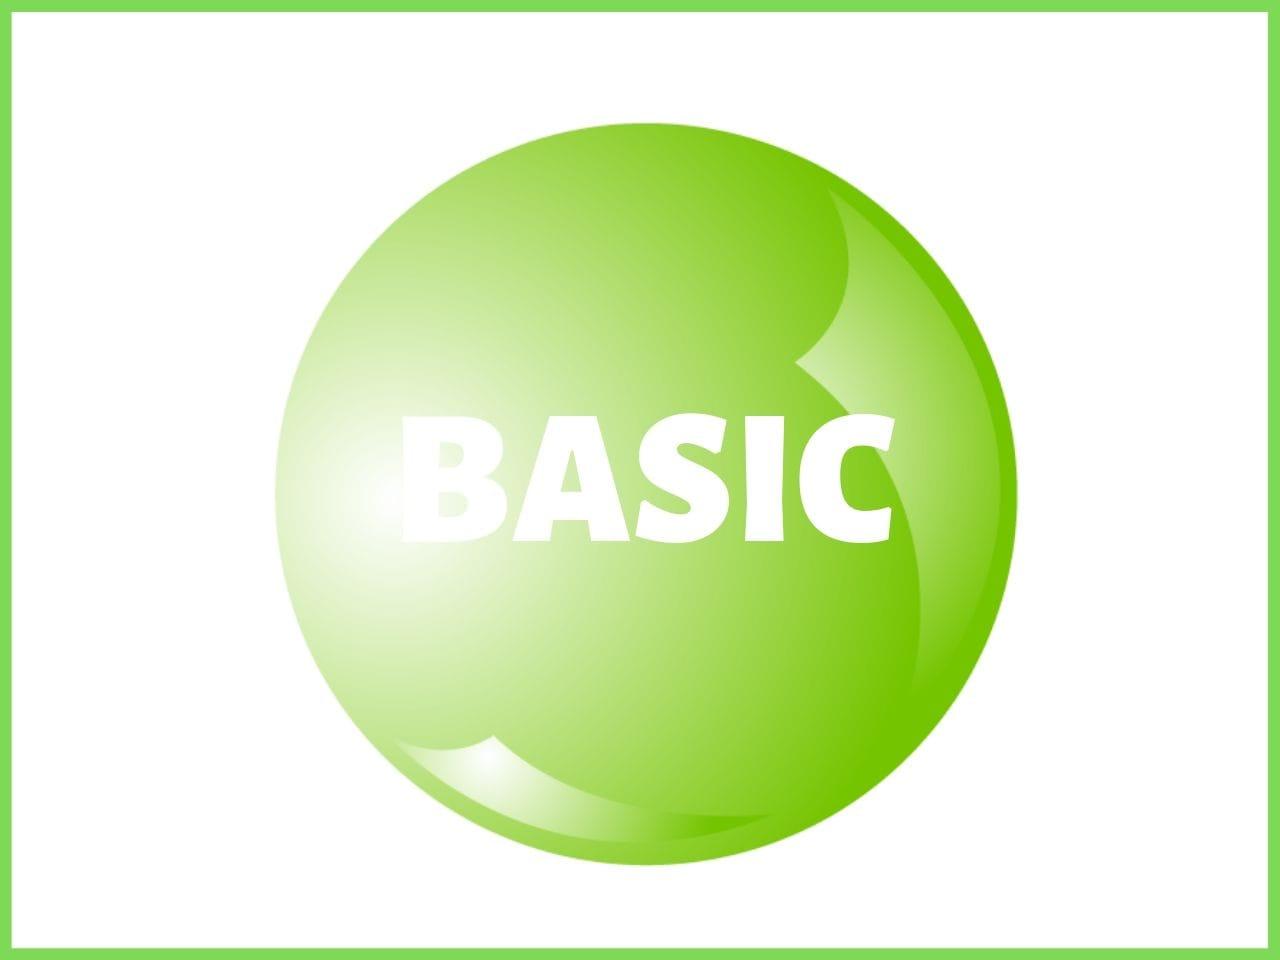 緑の円に書かれたBASICの文字